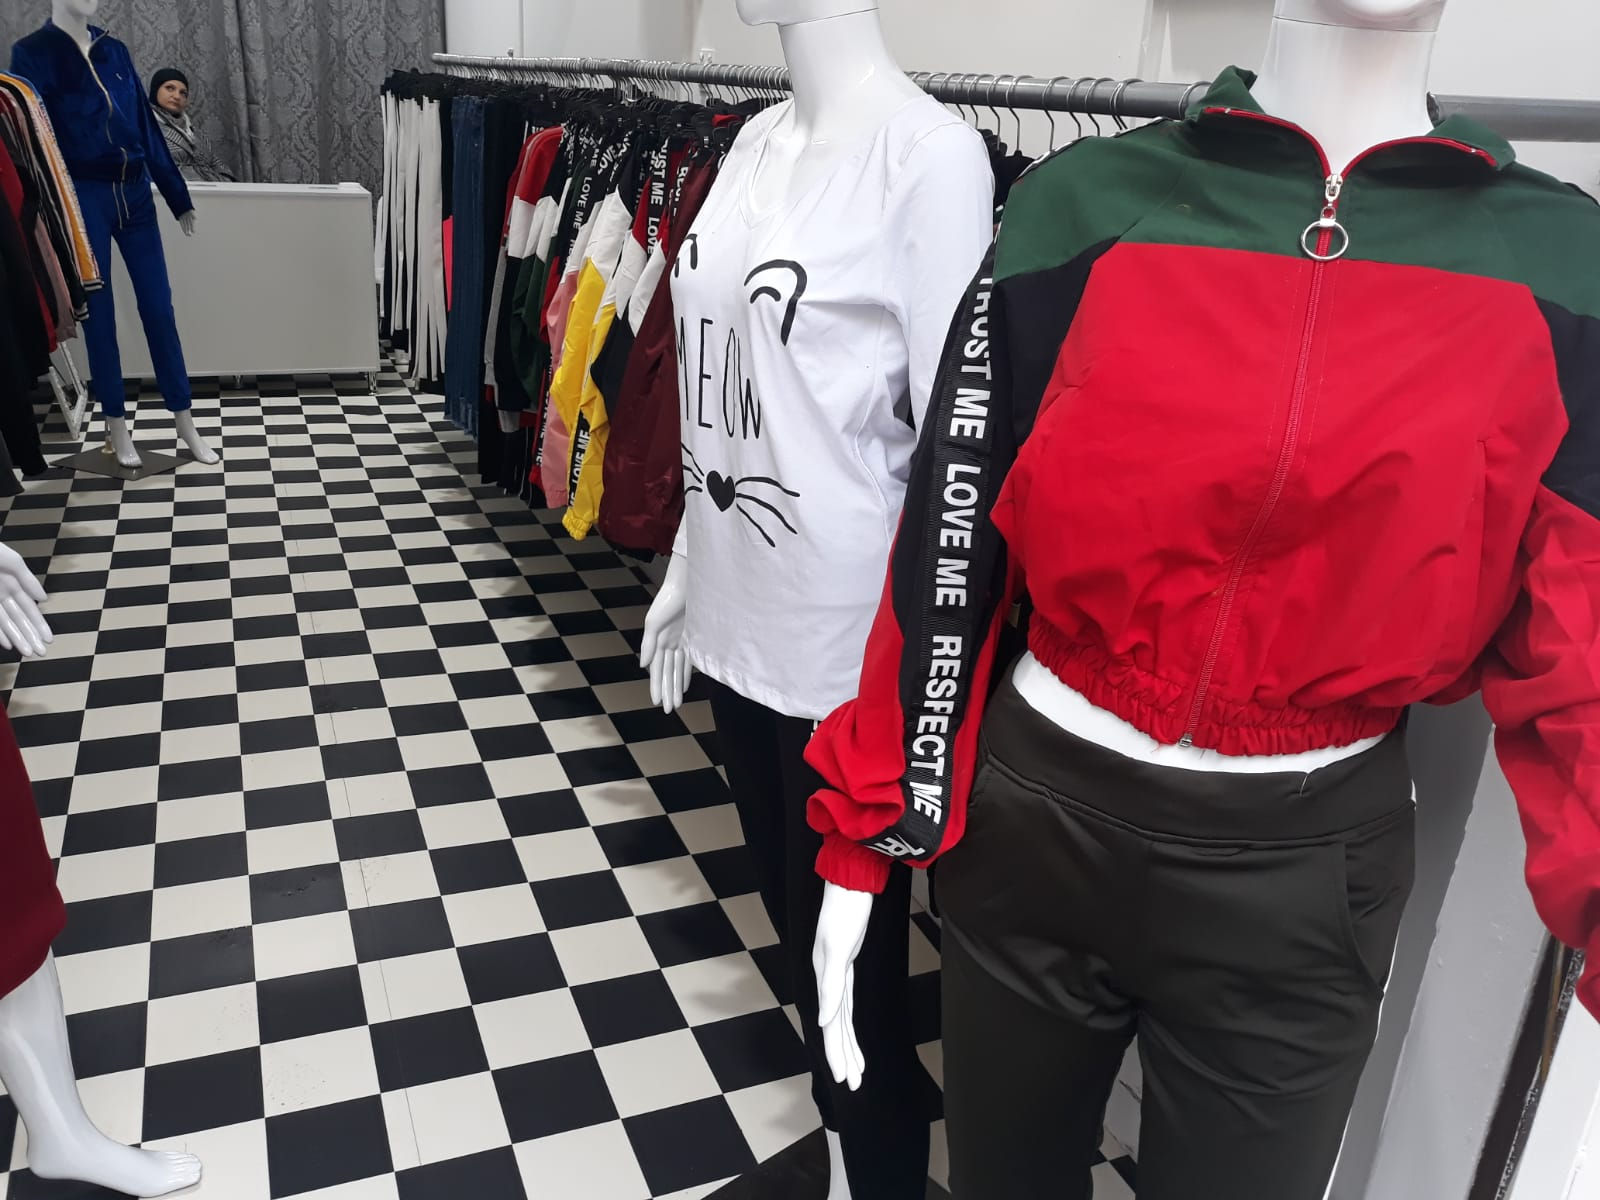 يافا: ملابس الوفاء - أرقى الملابس النسائية بأسعار مميّزة